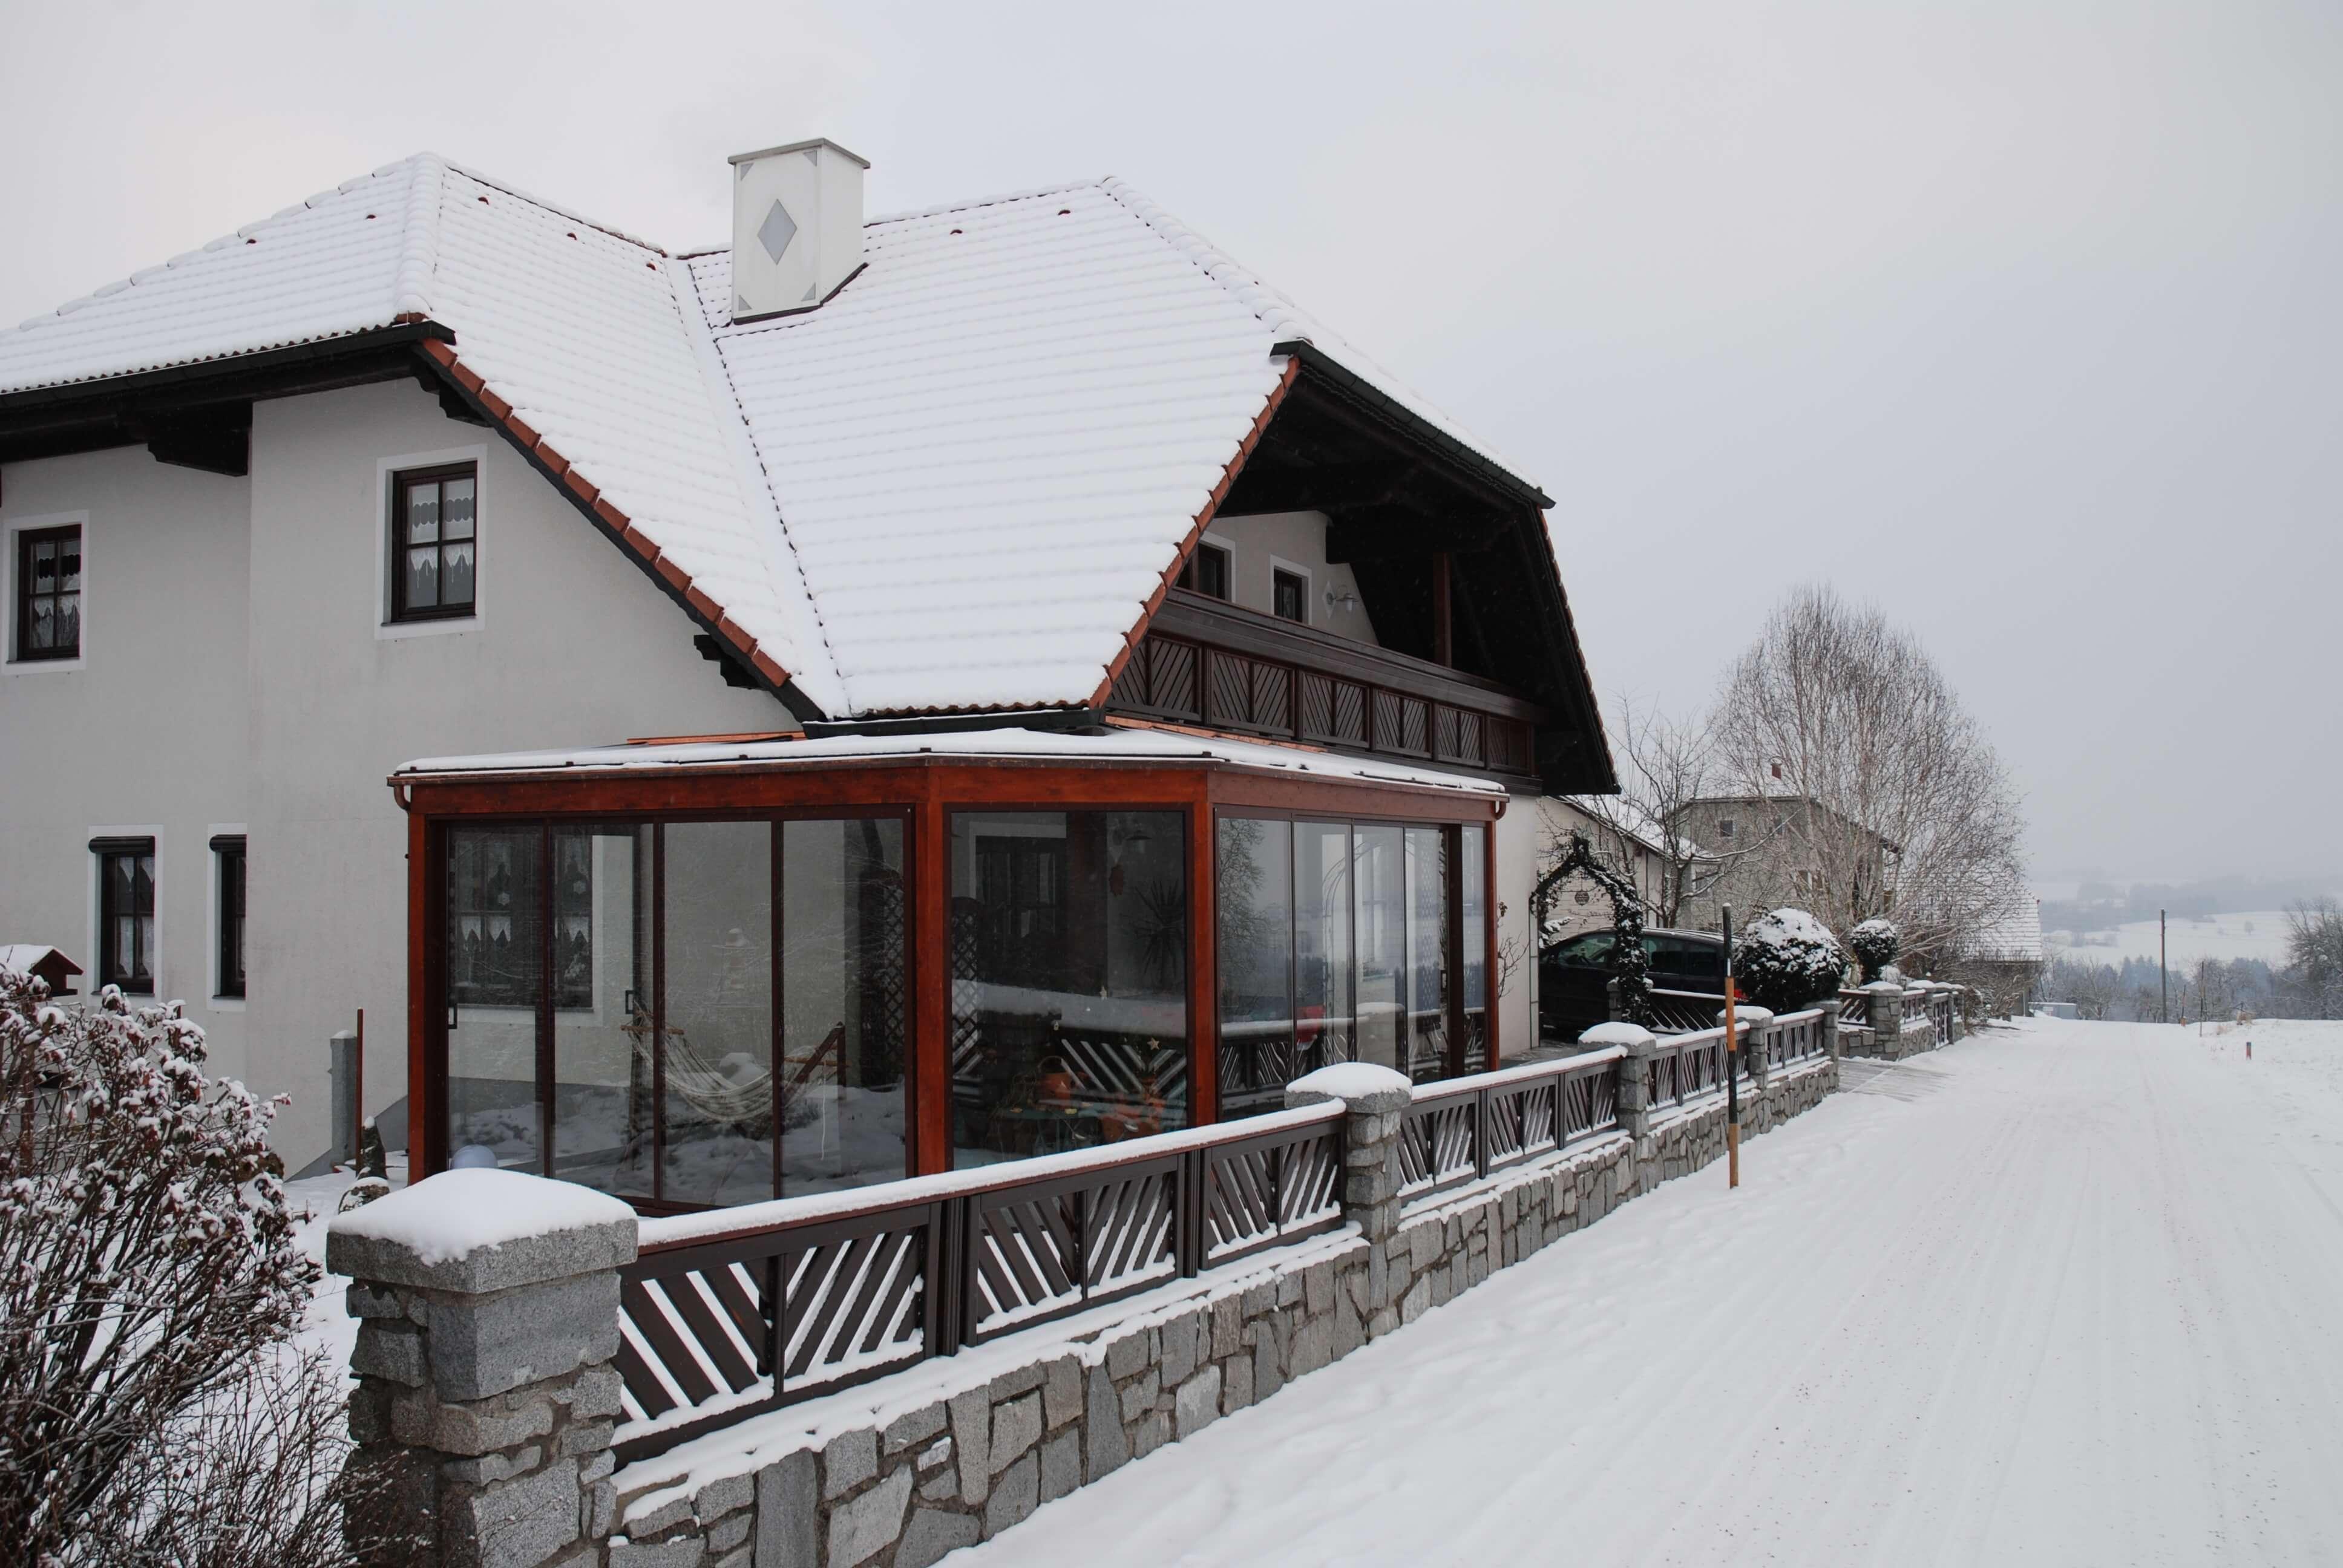 Wintergarten mit Dachverglasung aus Verbundsicherheitsgläsern